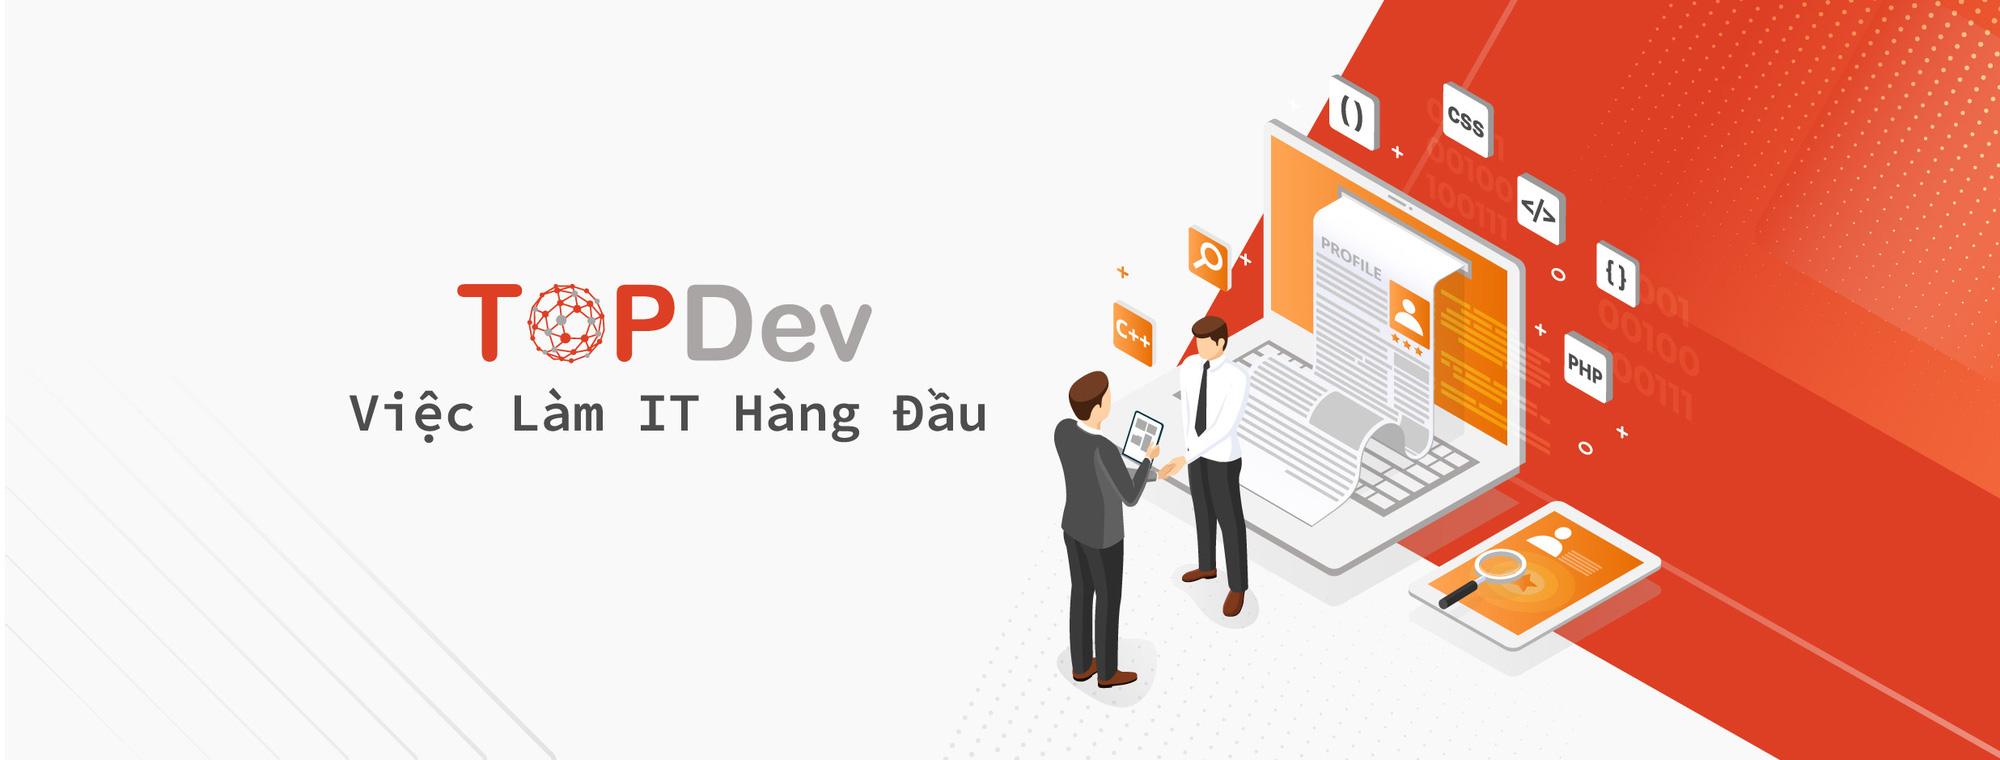 TopDev - Nền tảng hỗ trợ tuyển dụng nhân sự IT tại Việt Nam - Ảnh 1.